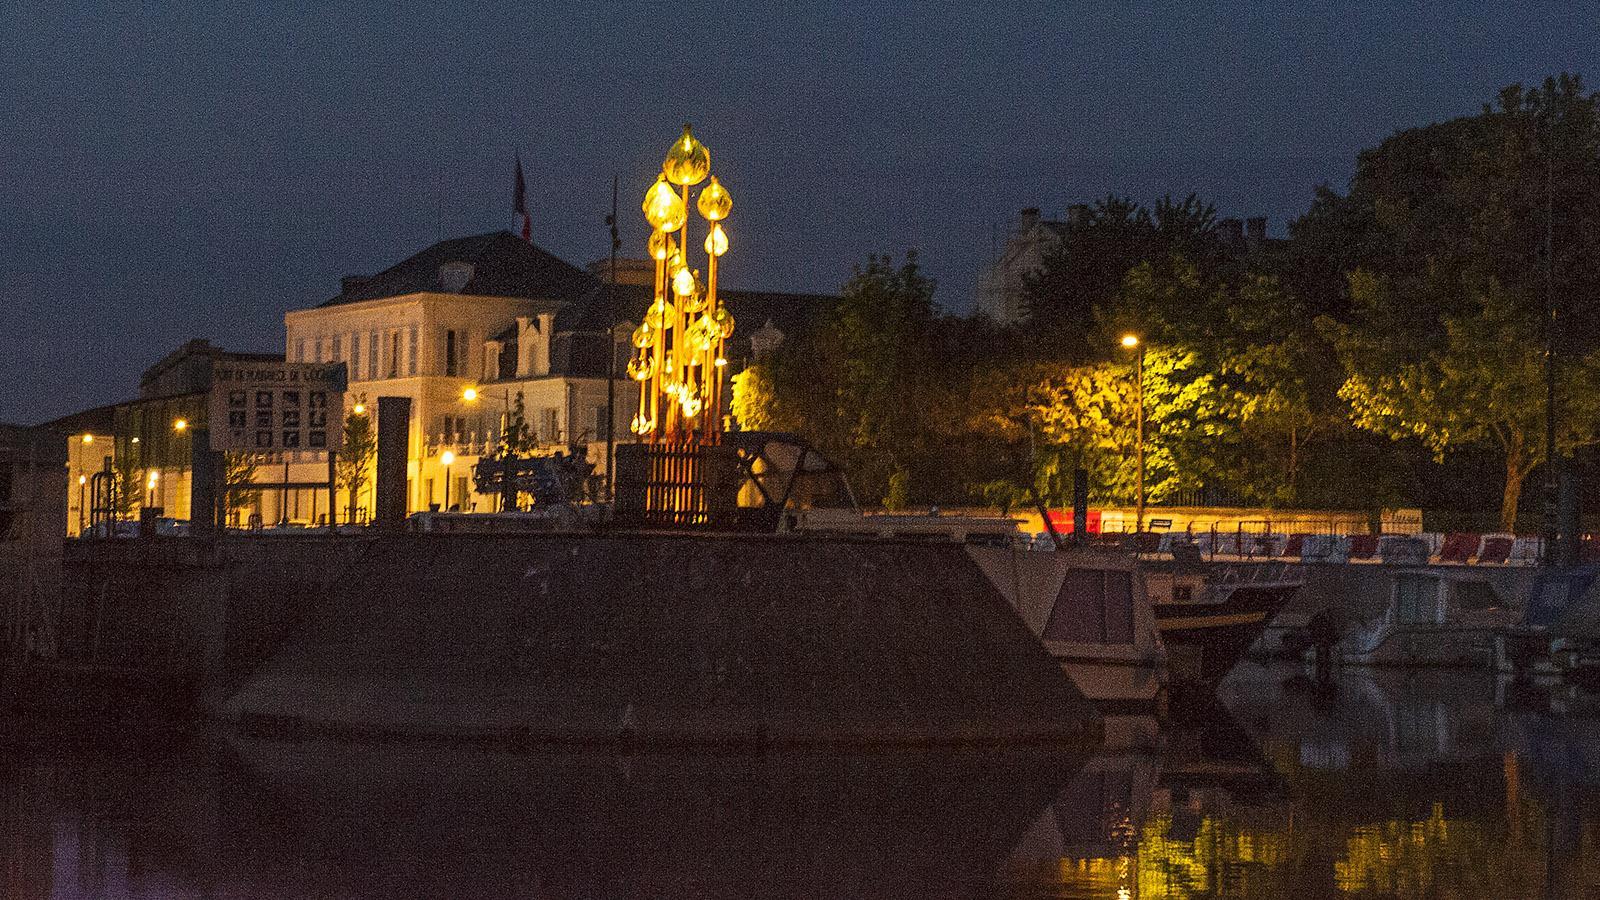 Abends im Sportboothafen von Cognac erblickt ihr diesen beleuchteten Brunnen. Foto: Hilke Maunder